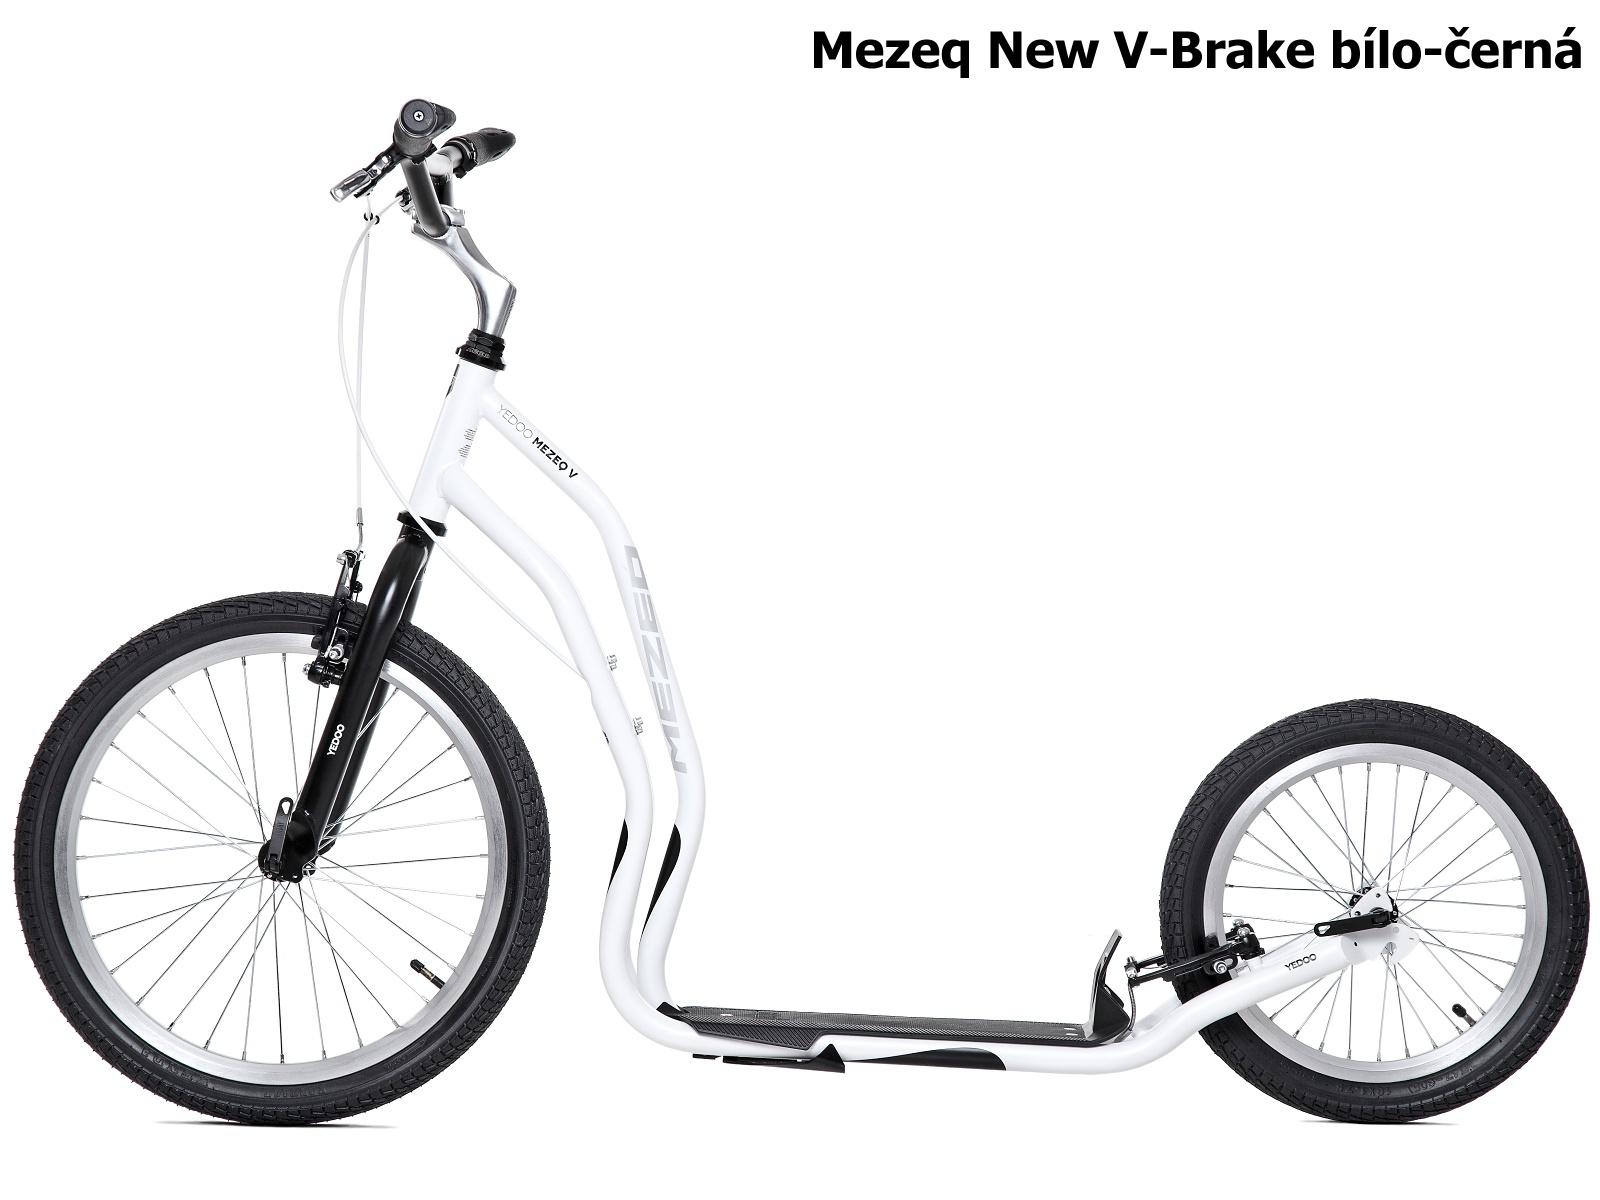 Koloběžka YEDOO Mezeq New V-Brake 20-16 bílo-černá